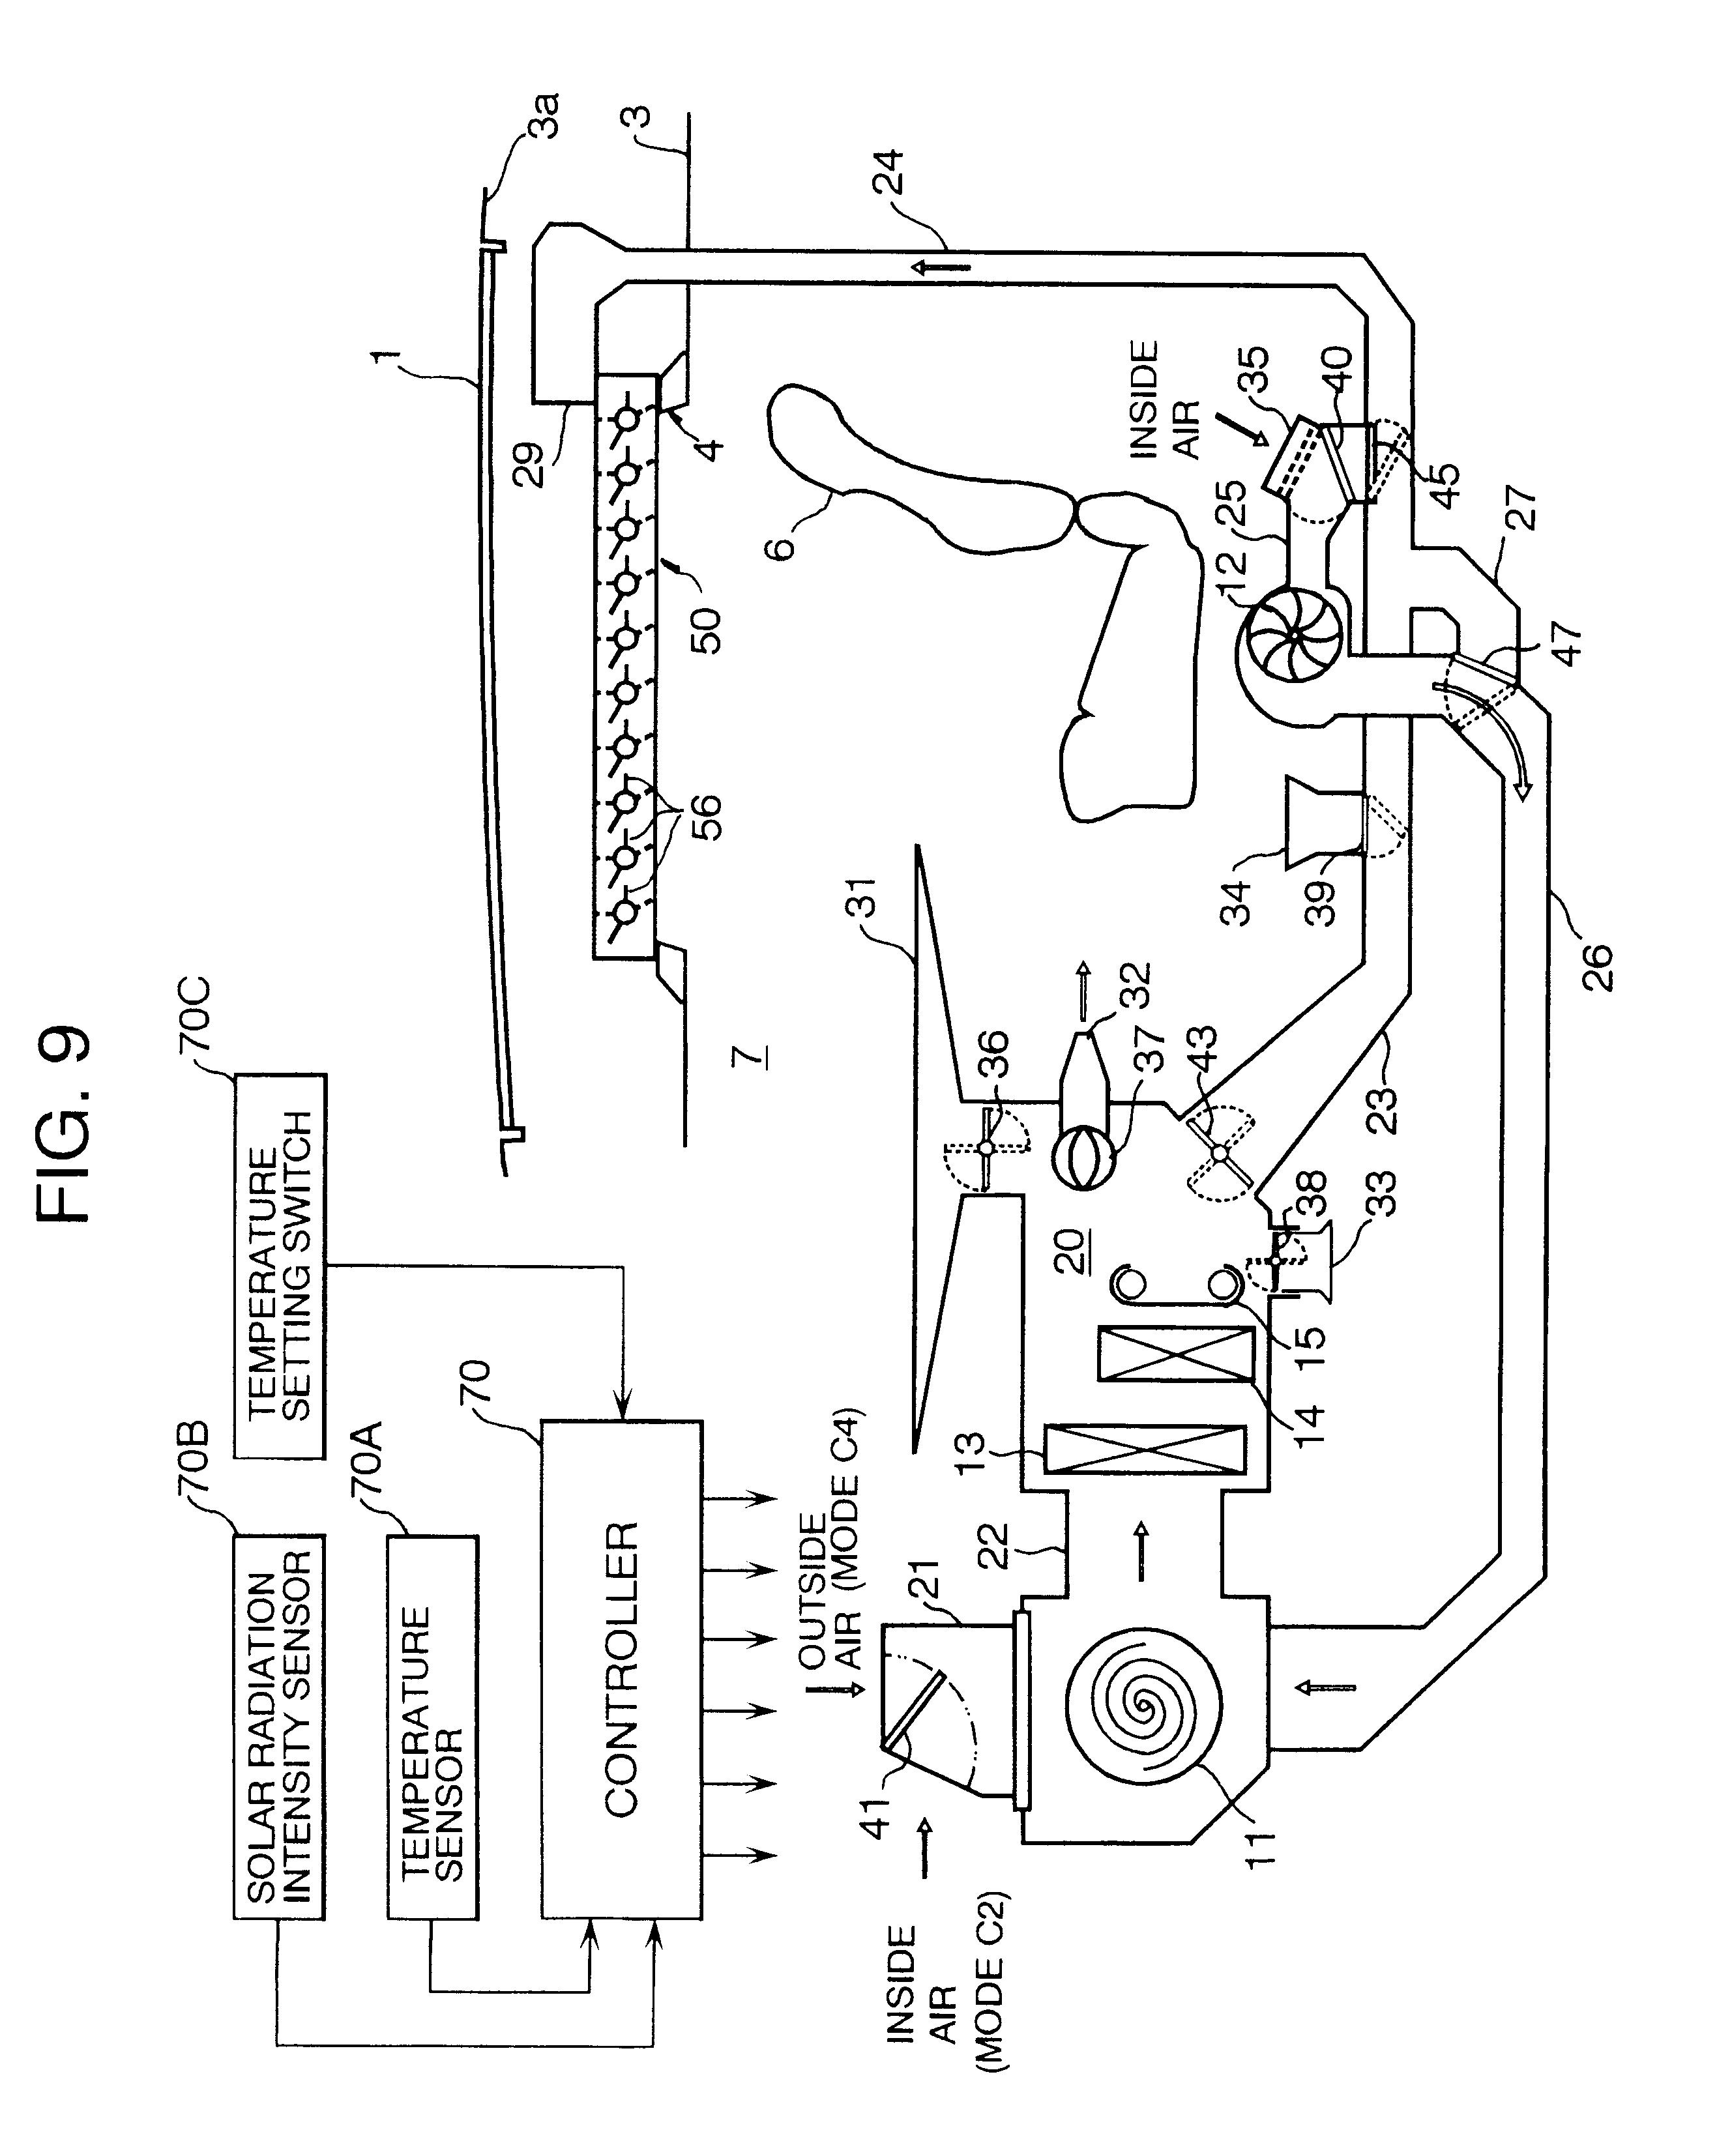 patent us6282911